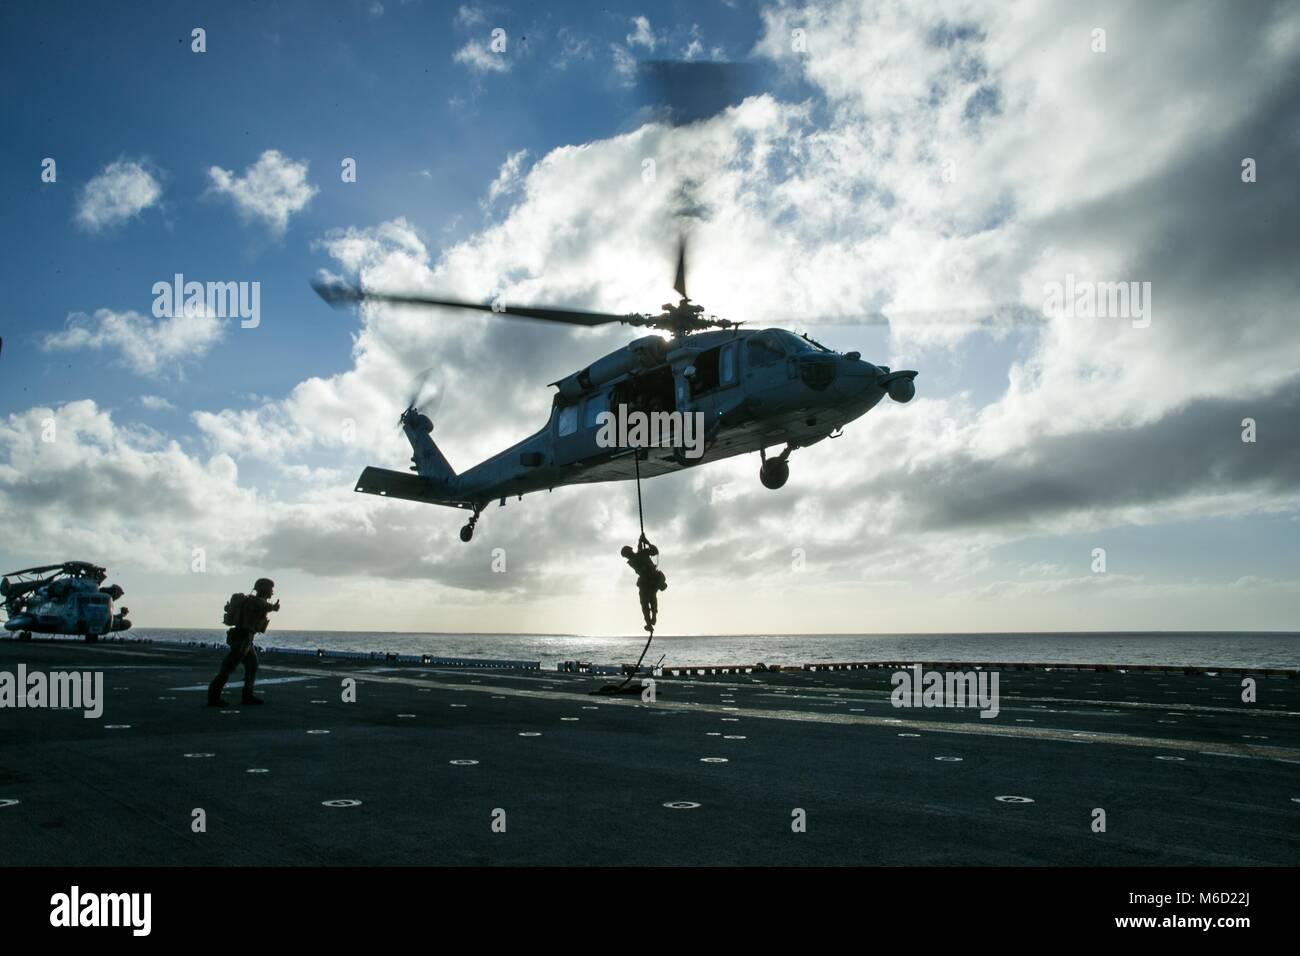 180226-M-WP334-0174 DEL OCÉANO ATLÁNTICO (26 de febrero de 2018), Infantes de Marina de los Estados Unidos Imagen De Stock